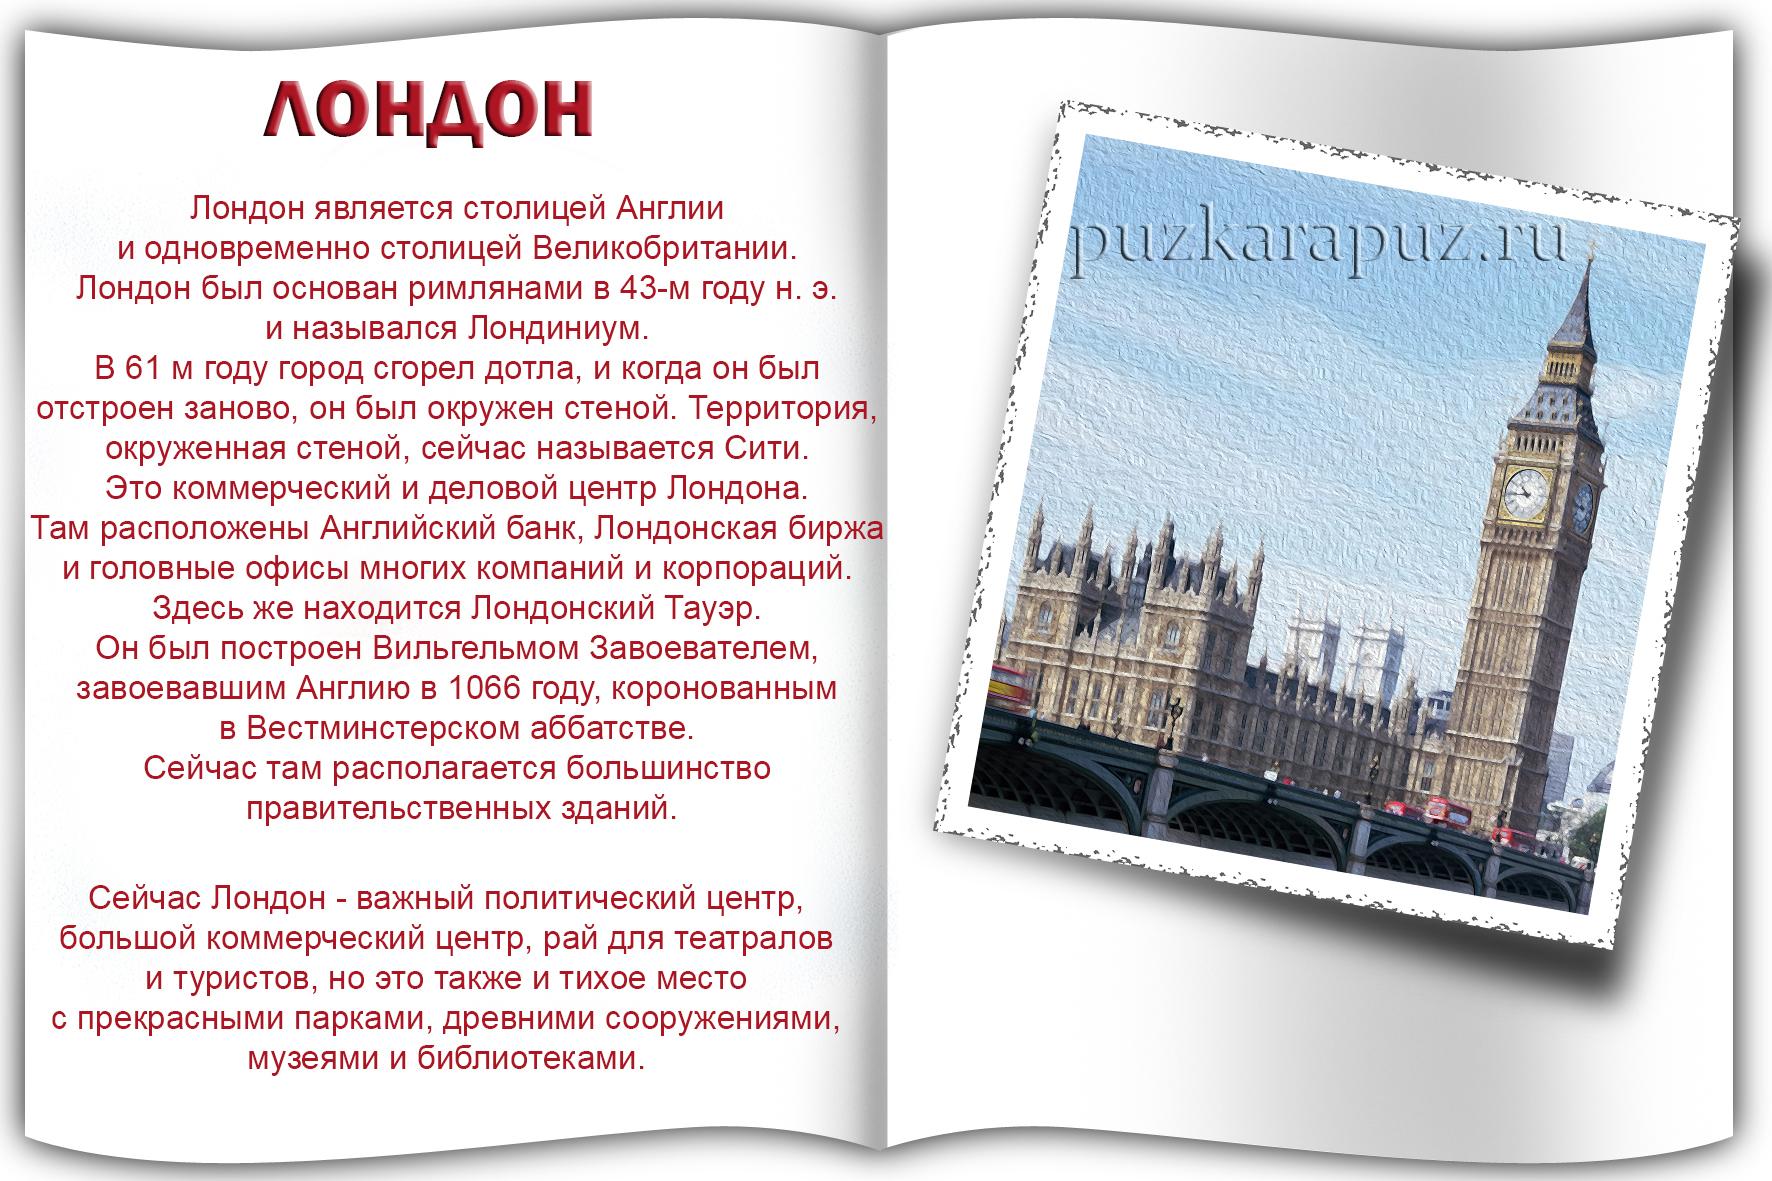 Письмо открытка на английском о путешествии 5 класс